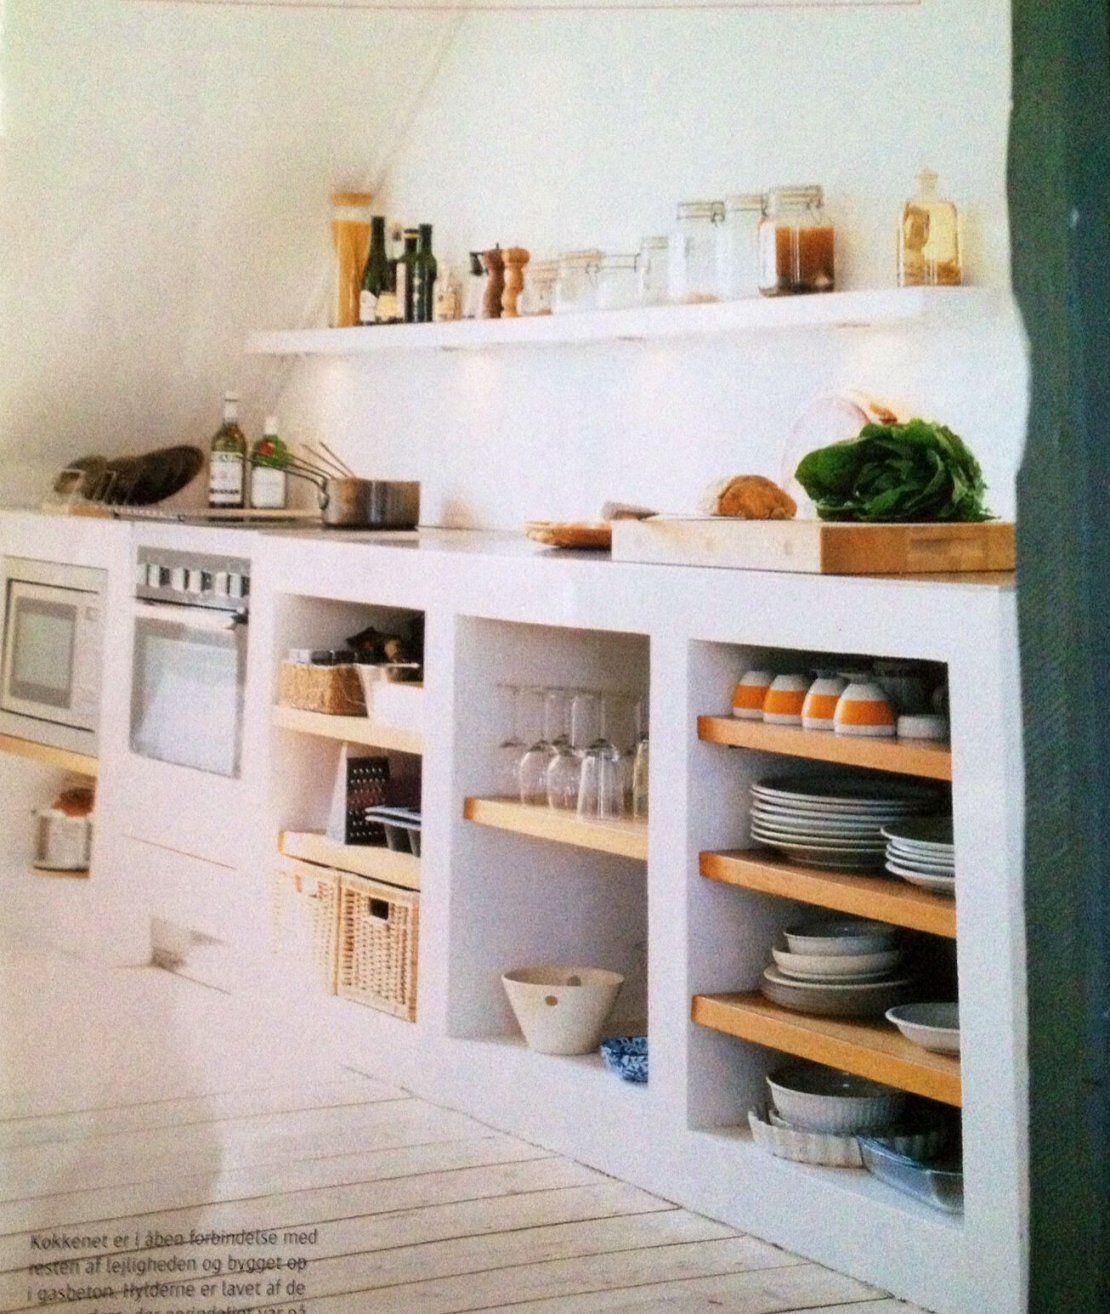 bildergebnis für küche selber bauen ytong küche selber bauen ytong küche selber bauen küche on outdoor kitchen ytong id=89951